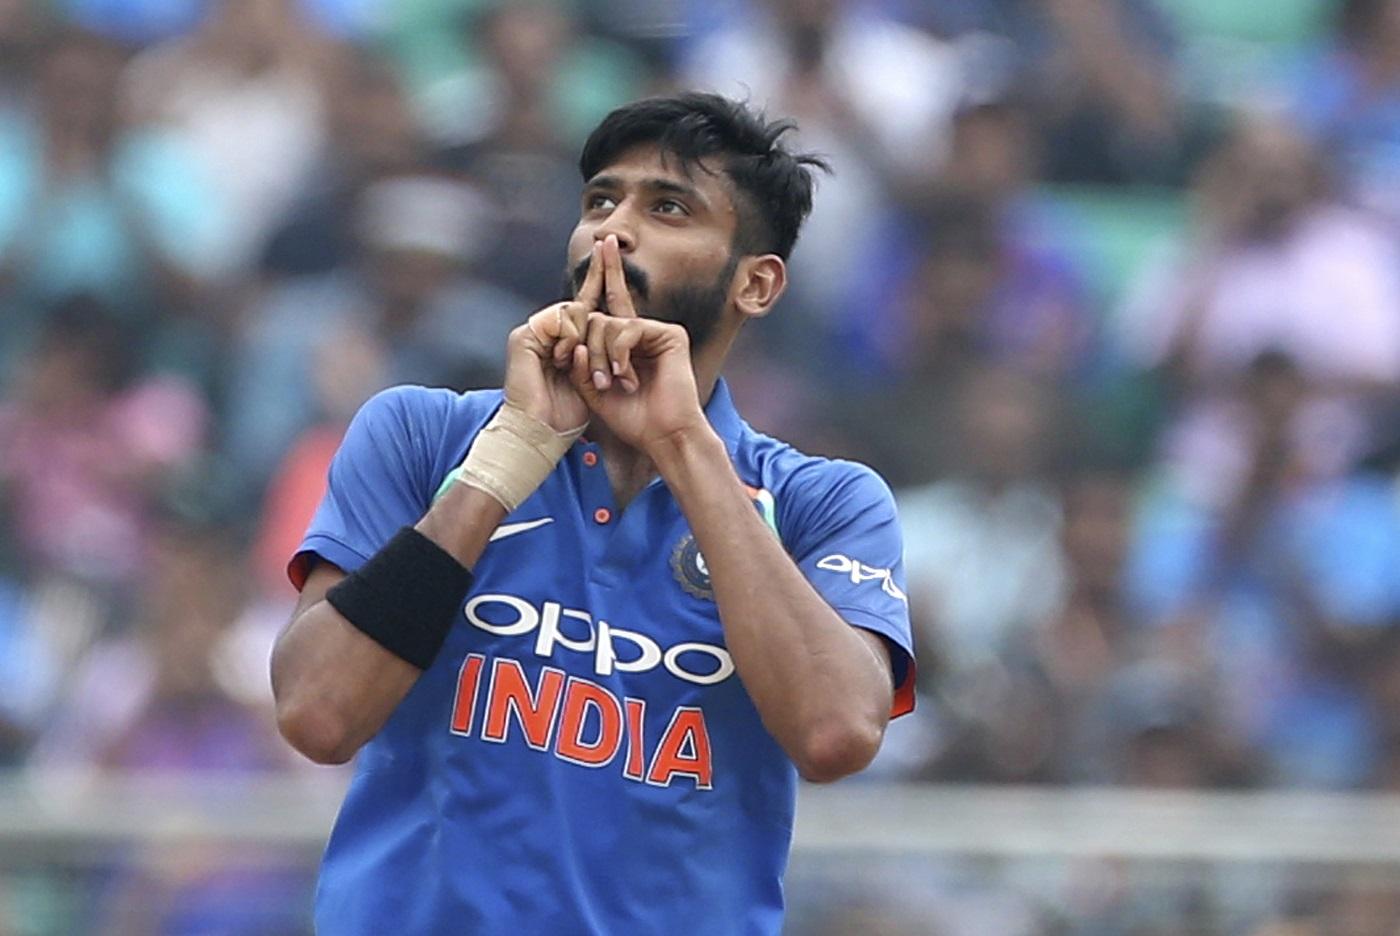 दिग्गज भारतीय खिलाड़ी का कटाक्ष, 'खलील अहमद अंतरराष्ट्रीय स्तर पर खेलने लायक नही' 11